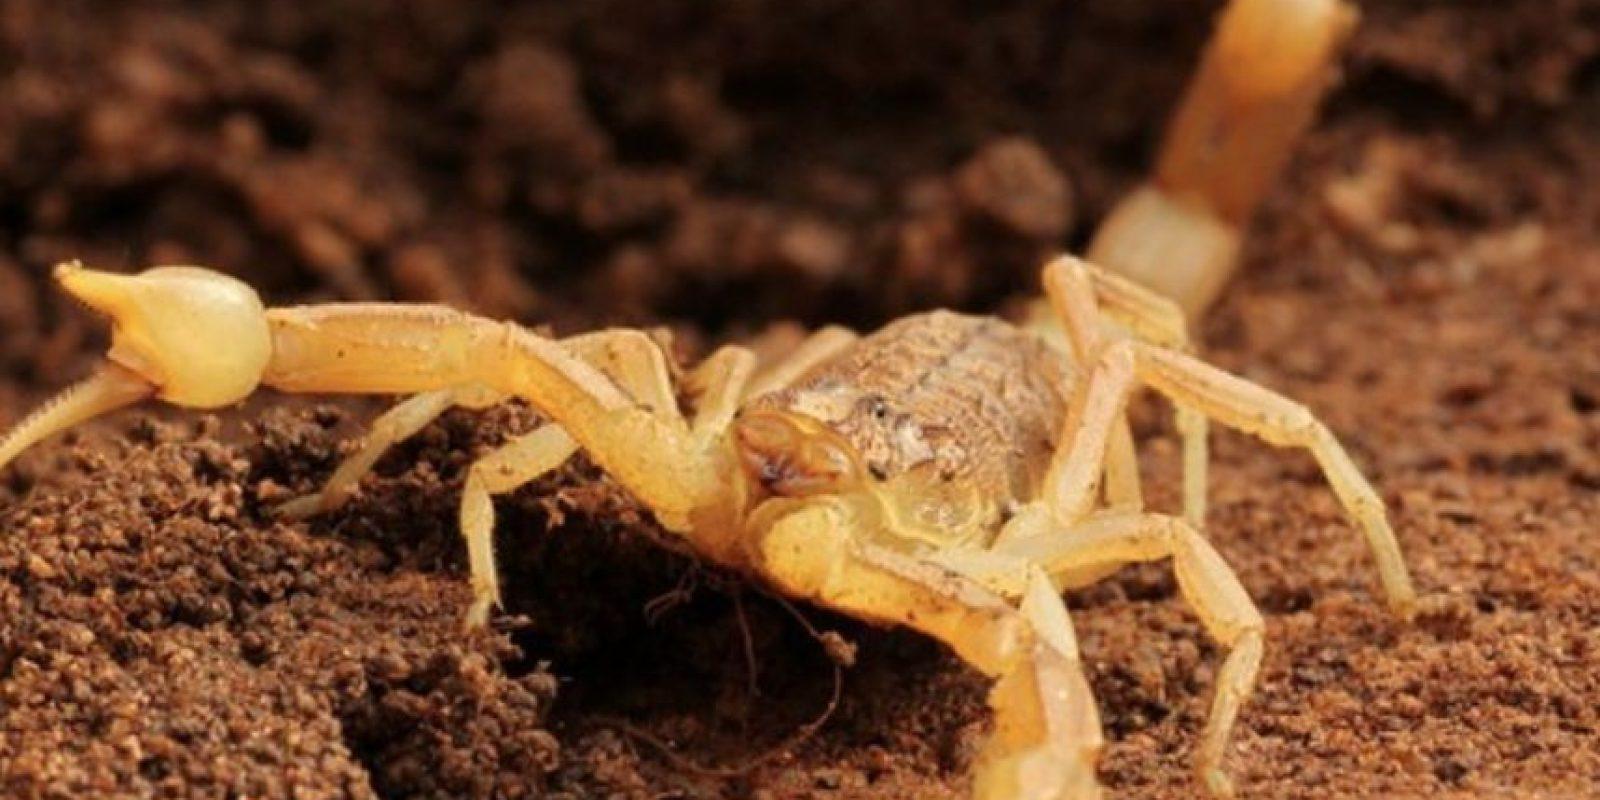 6. Escorpión palestino amarillo. Puede medir hasta 10 centímetros de longitud. Foto:Wikimedia